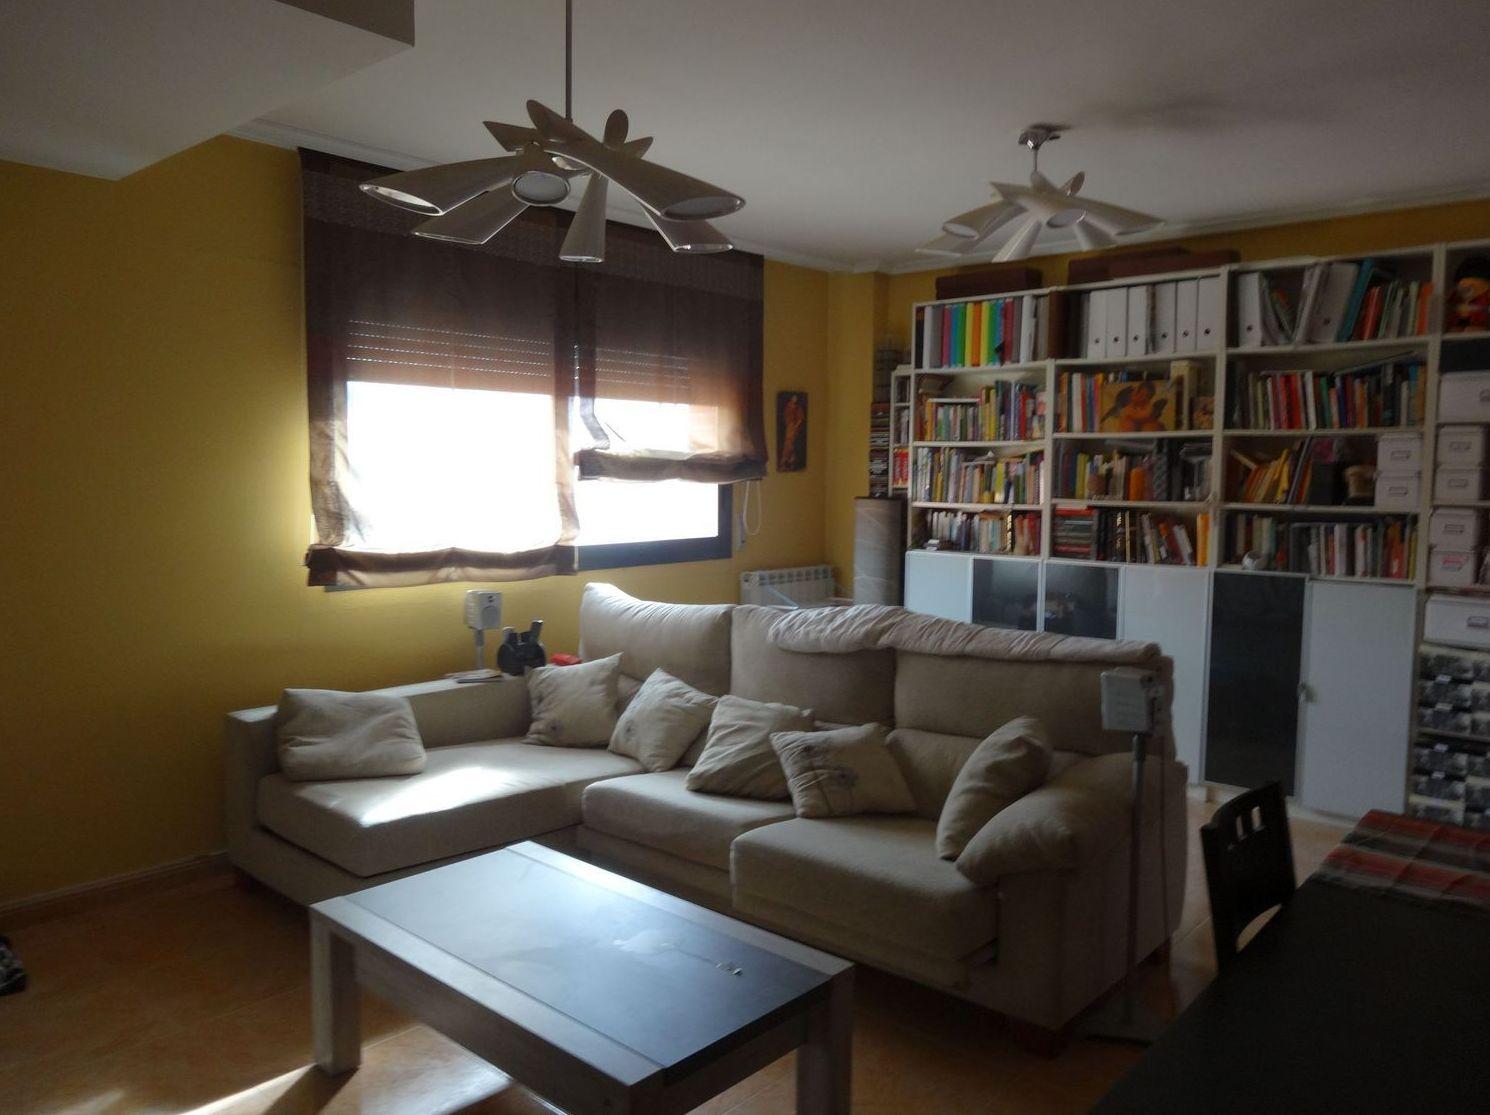 Sector Arrabal, Plaza Fonz, 4 dormitorios. Precio de Venta: 199.000 €